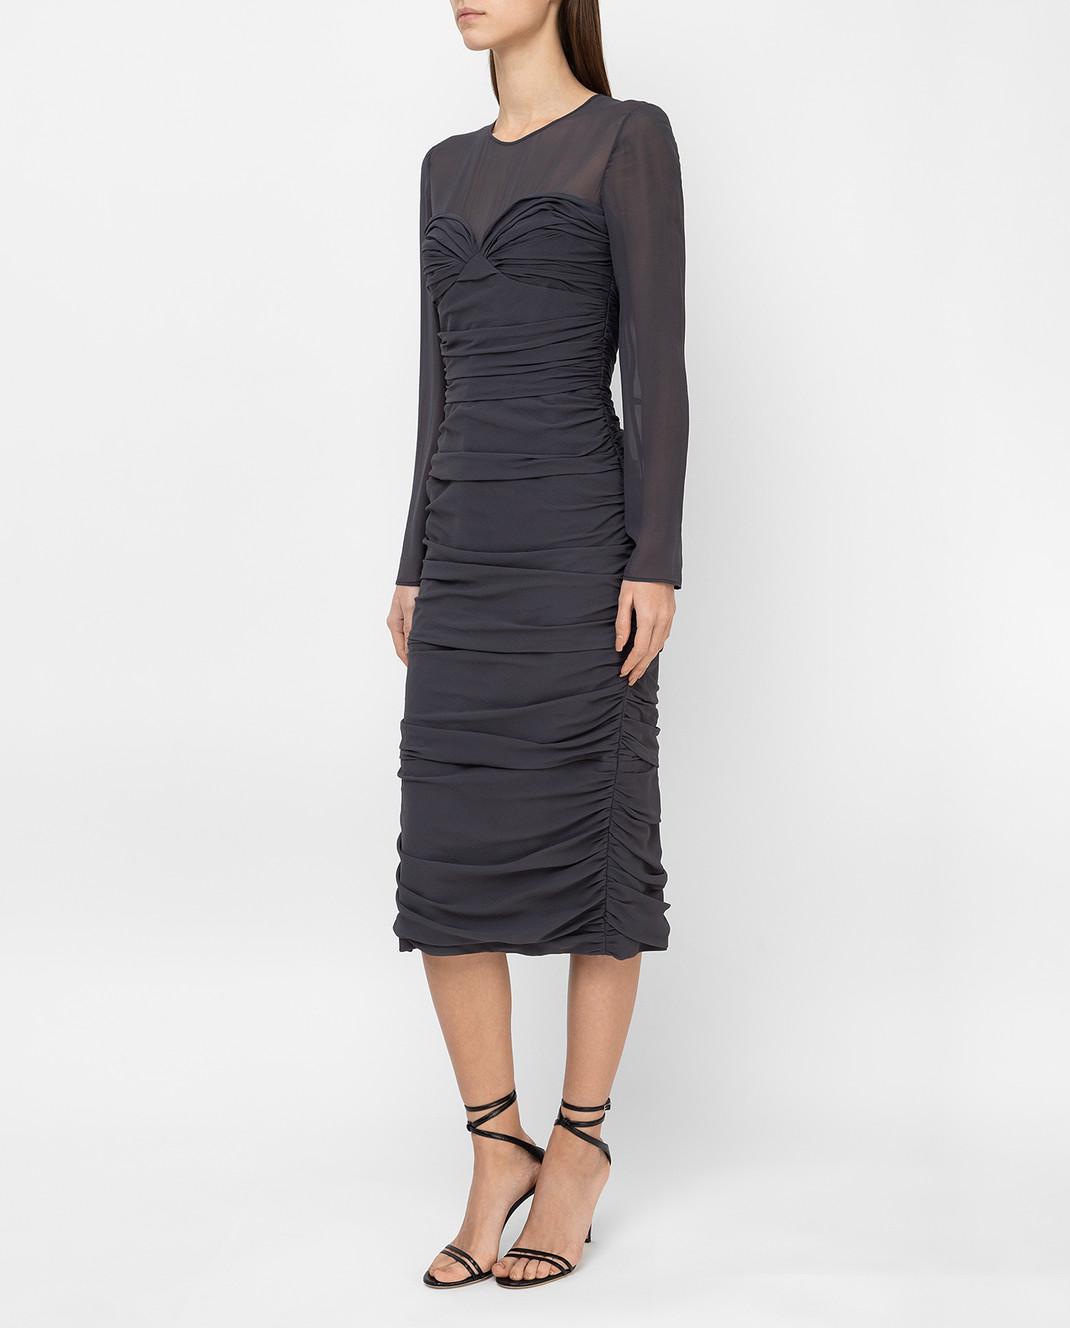 Max Mara Темно-серое платье из шелка ODER изображение 3